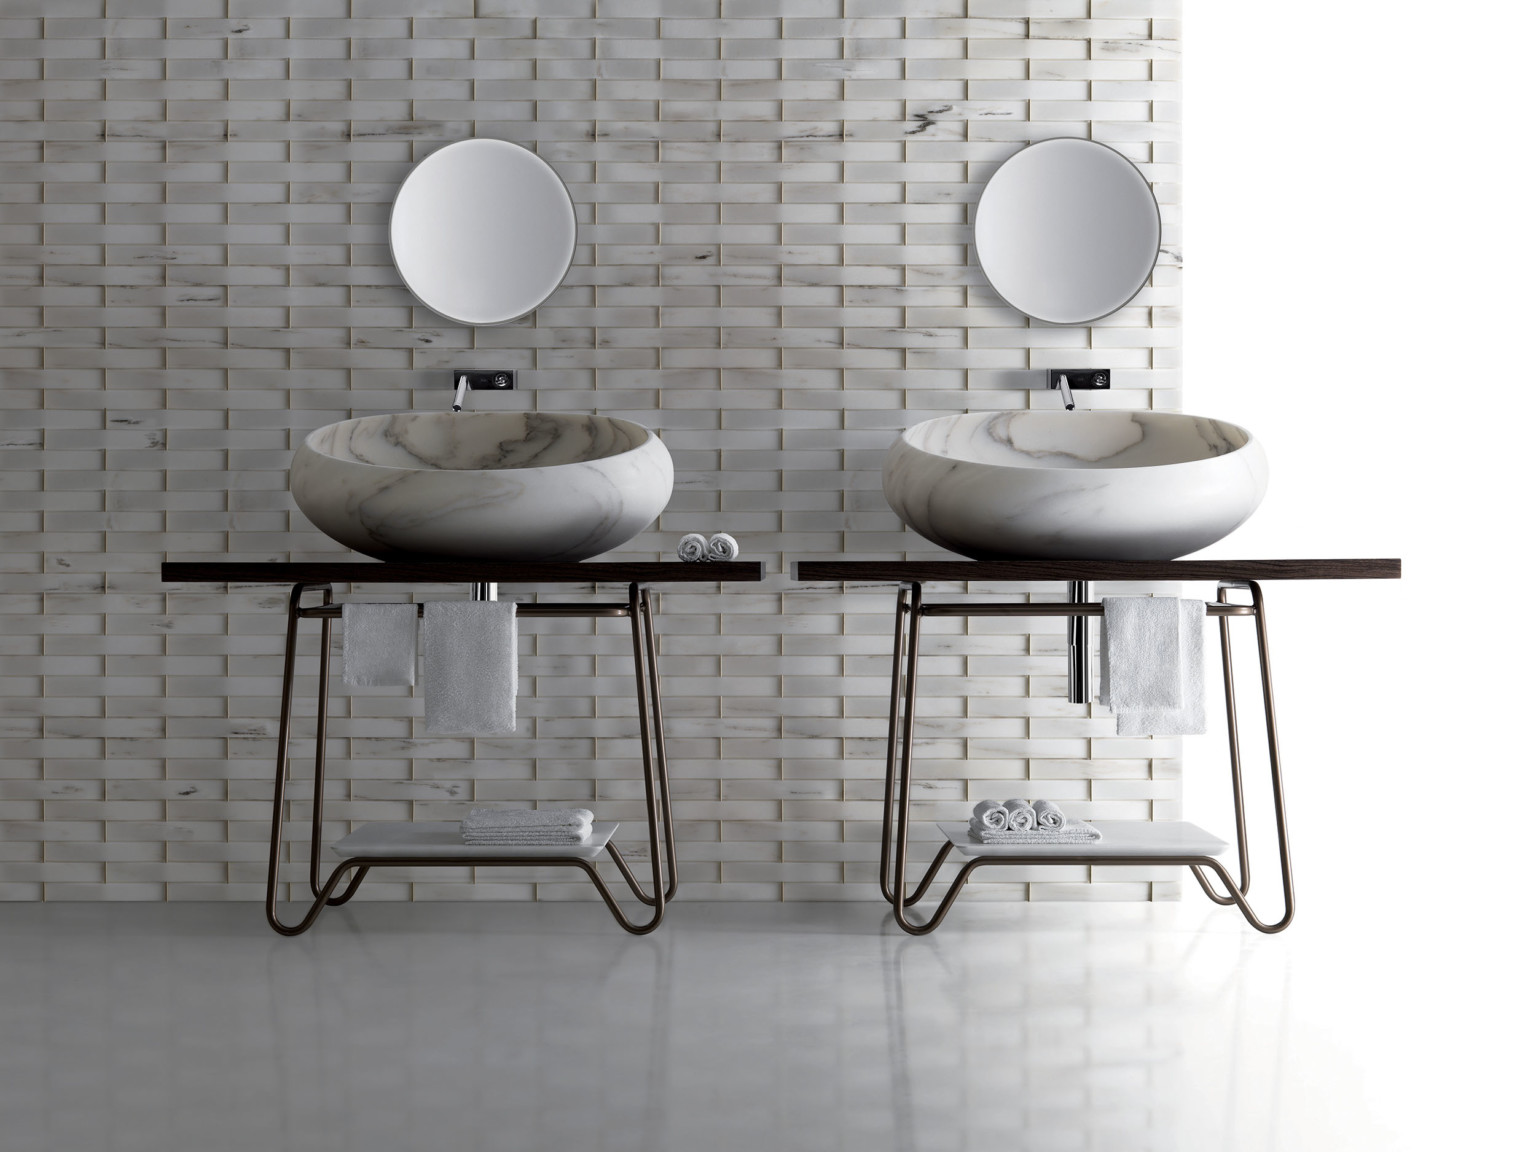 Lavabi in marmo per il bagno di Kreoo